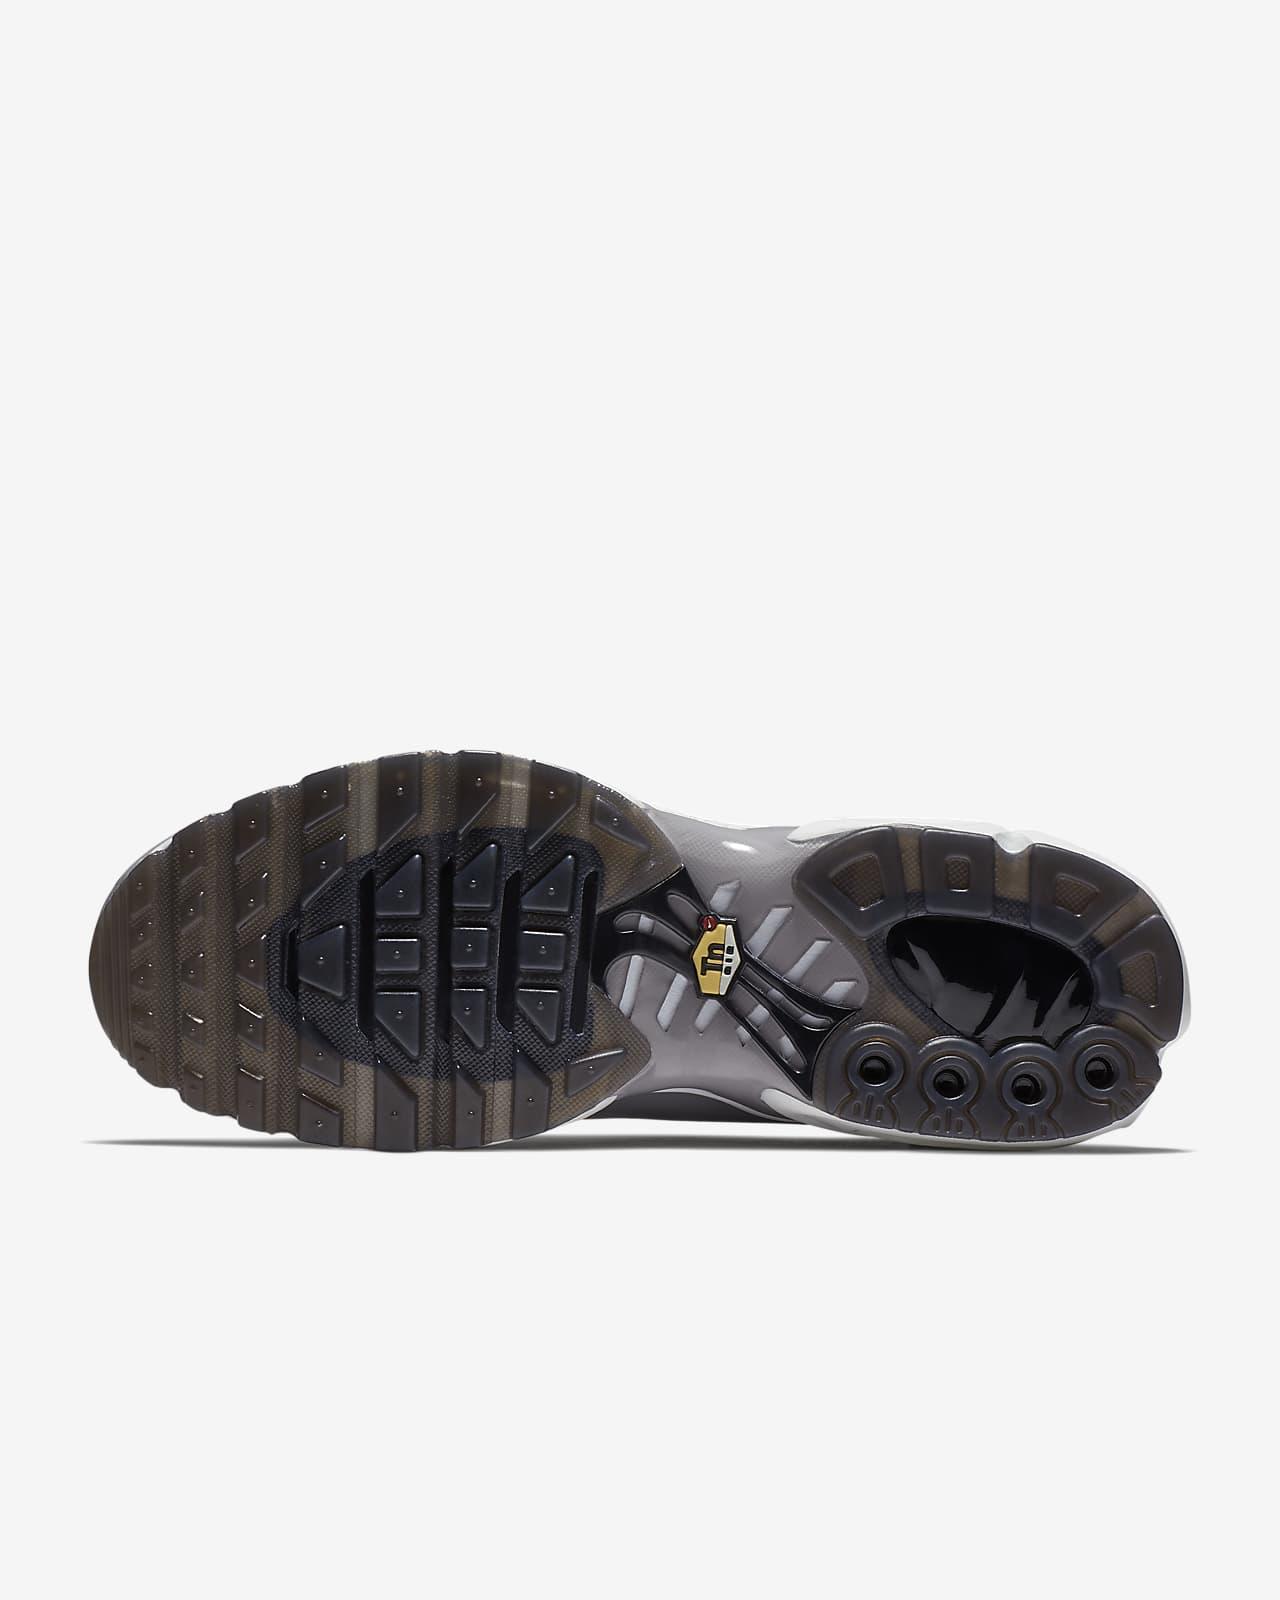 nike chaussures sportswear homme air max plus ns gpx